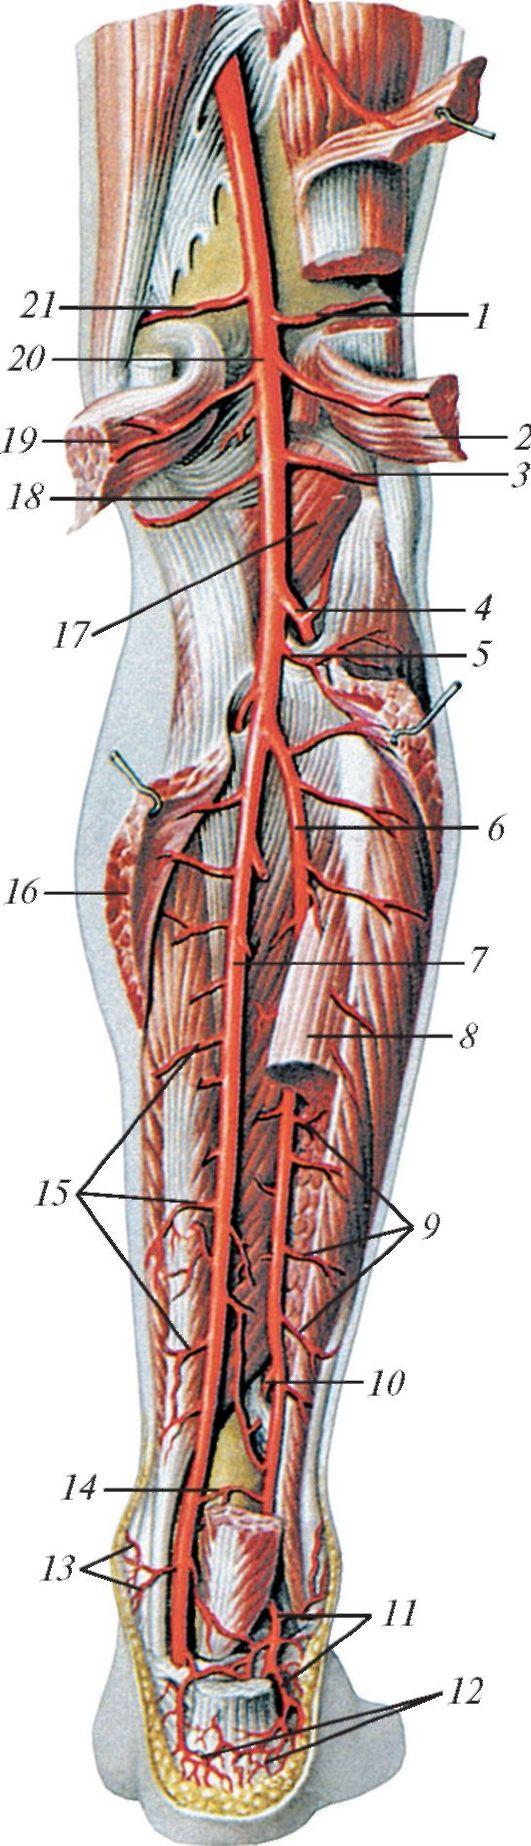 схема артери в нижних конечностях человека